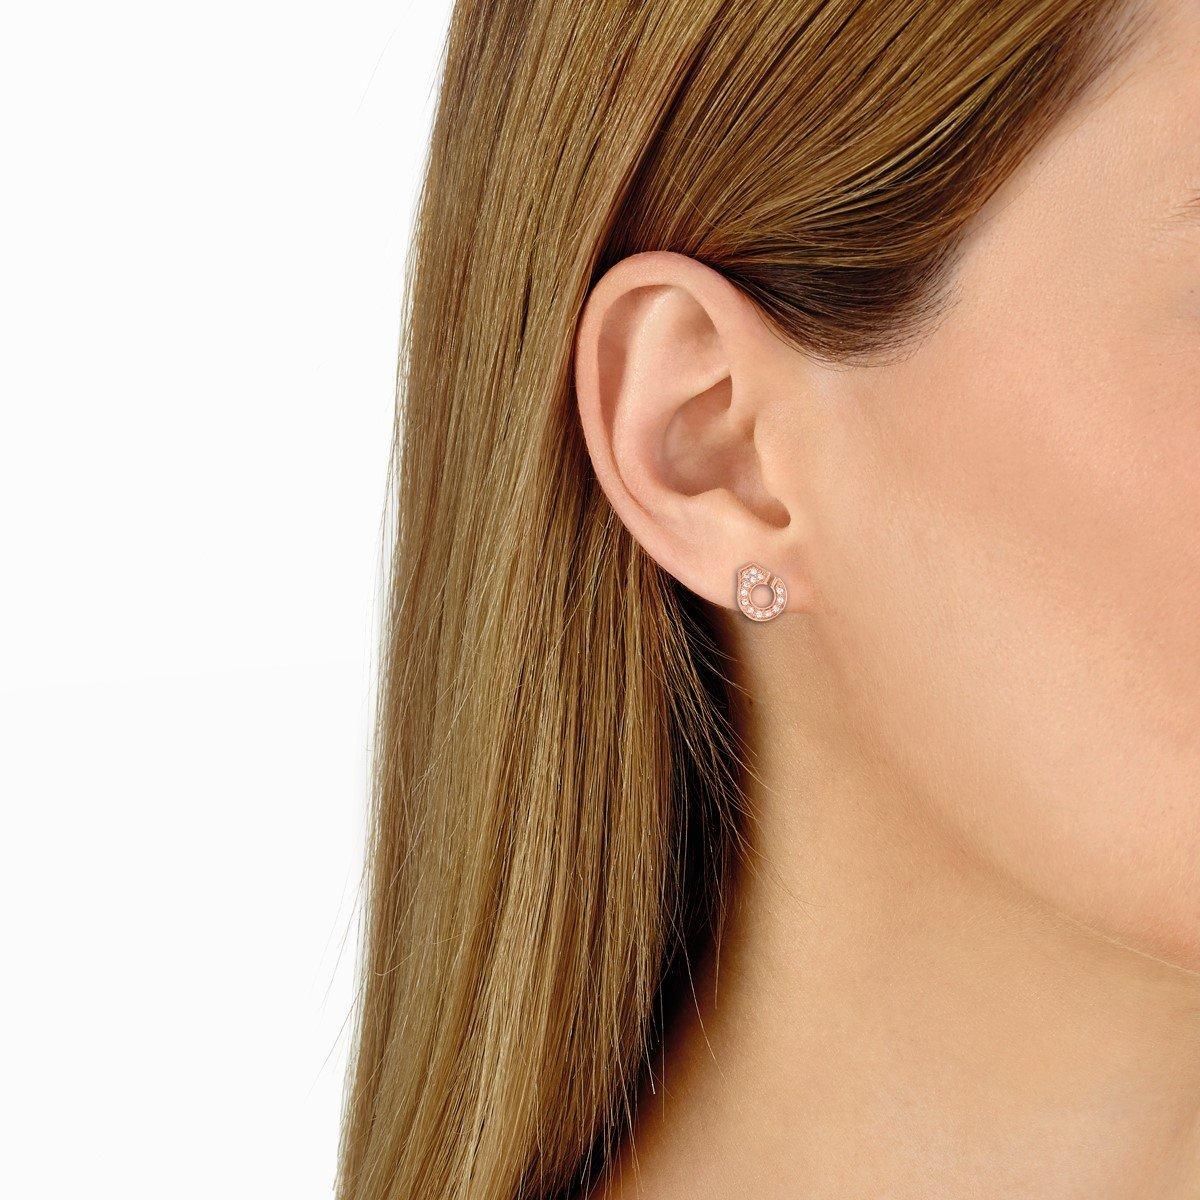 Boucles d'oreilles dinh van Menottes dinh van R 7.5 en or rose et diamants vue 2